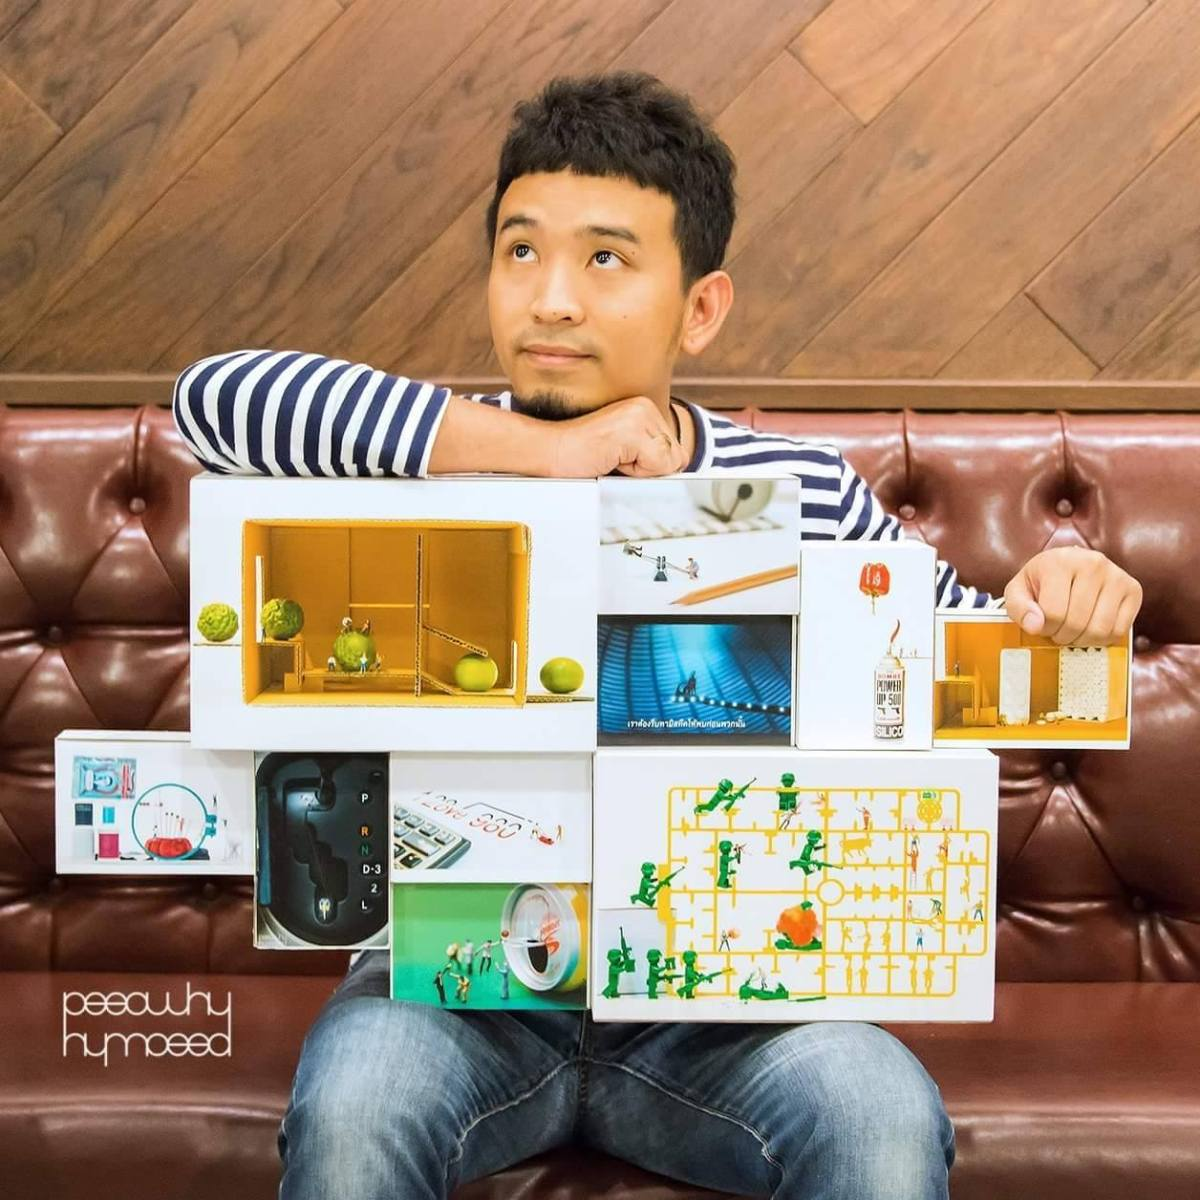 """เล่นเรื่องเล็กให้เป็นเรื่องใหญ่ผ่านภาพถ่ายสไตล์ """"Miniature People Photography"""" กับคนตัวจิ๋ว x Samsung Galaxy S7 edge 16 - photography"""